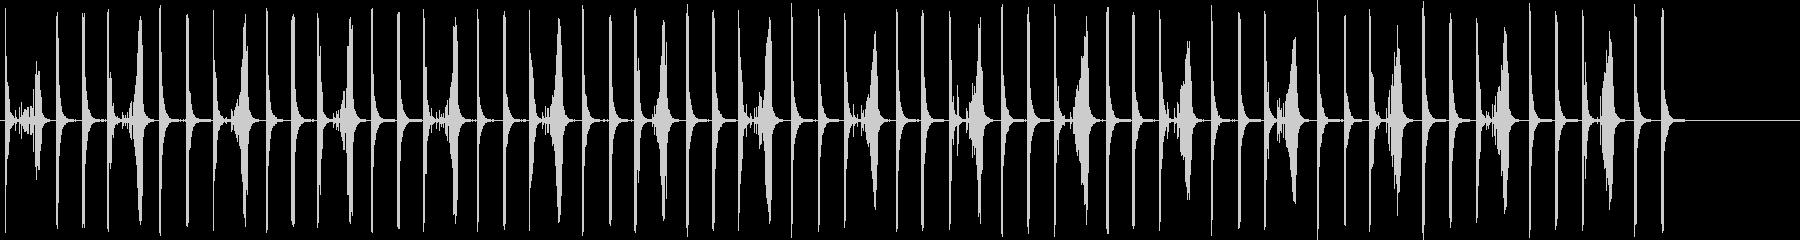 ジーチャチャ!ラテンパーカション ギロの未再生の波形